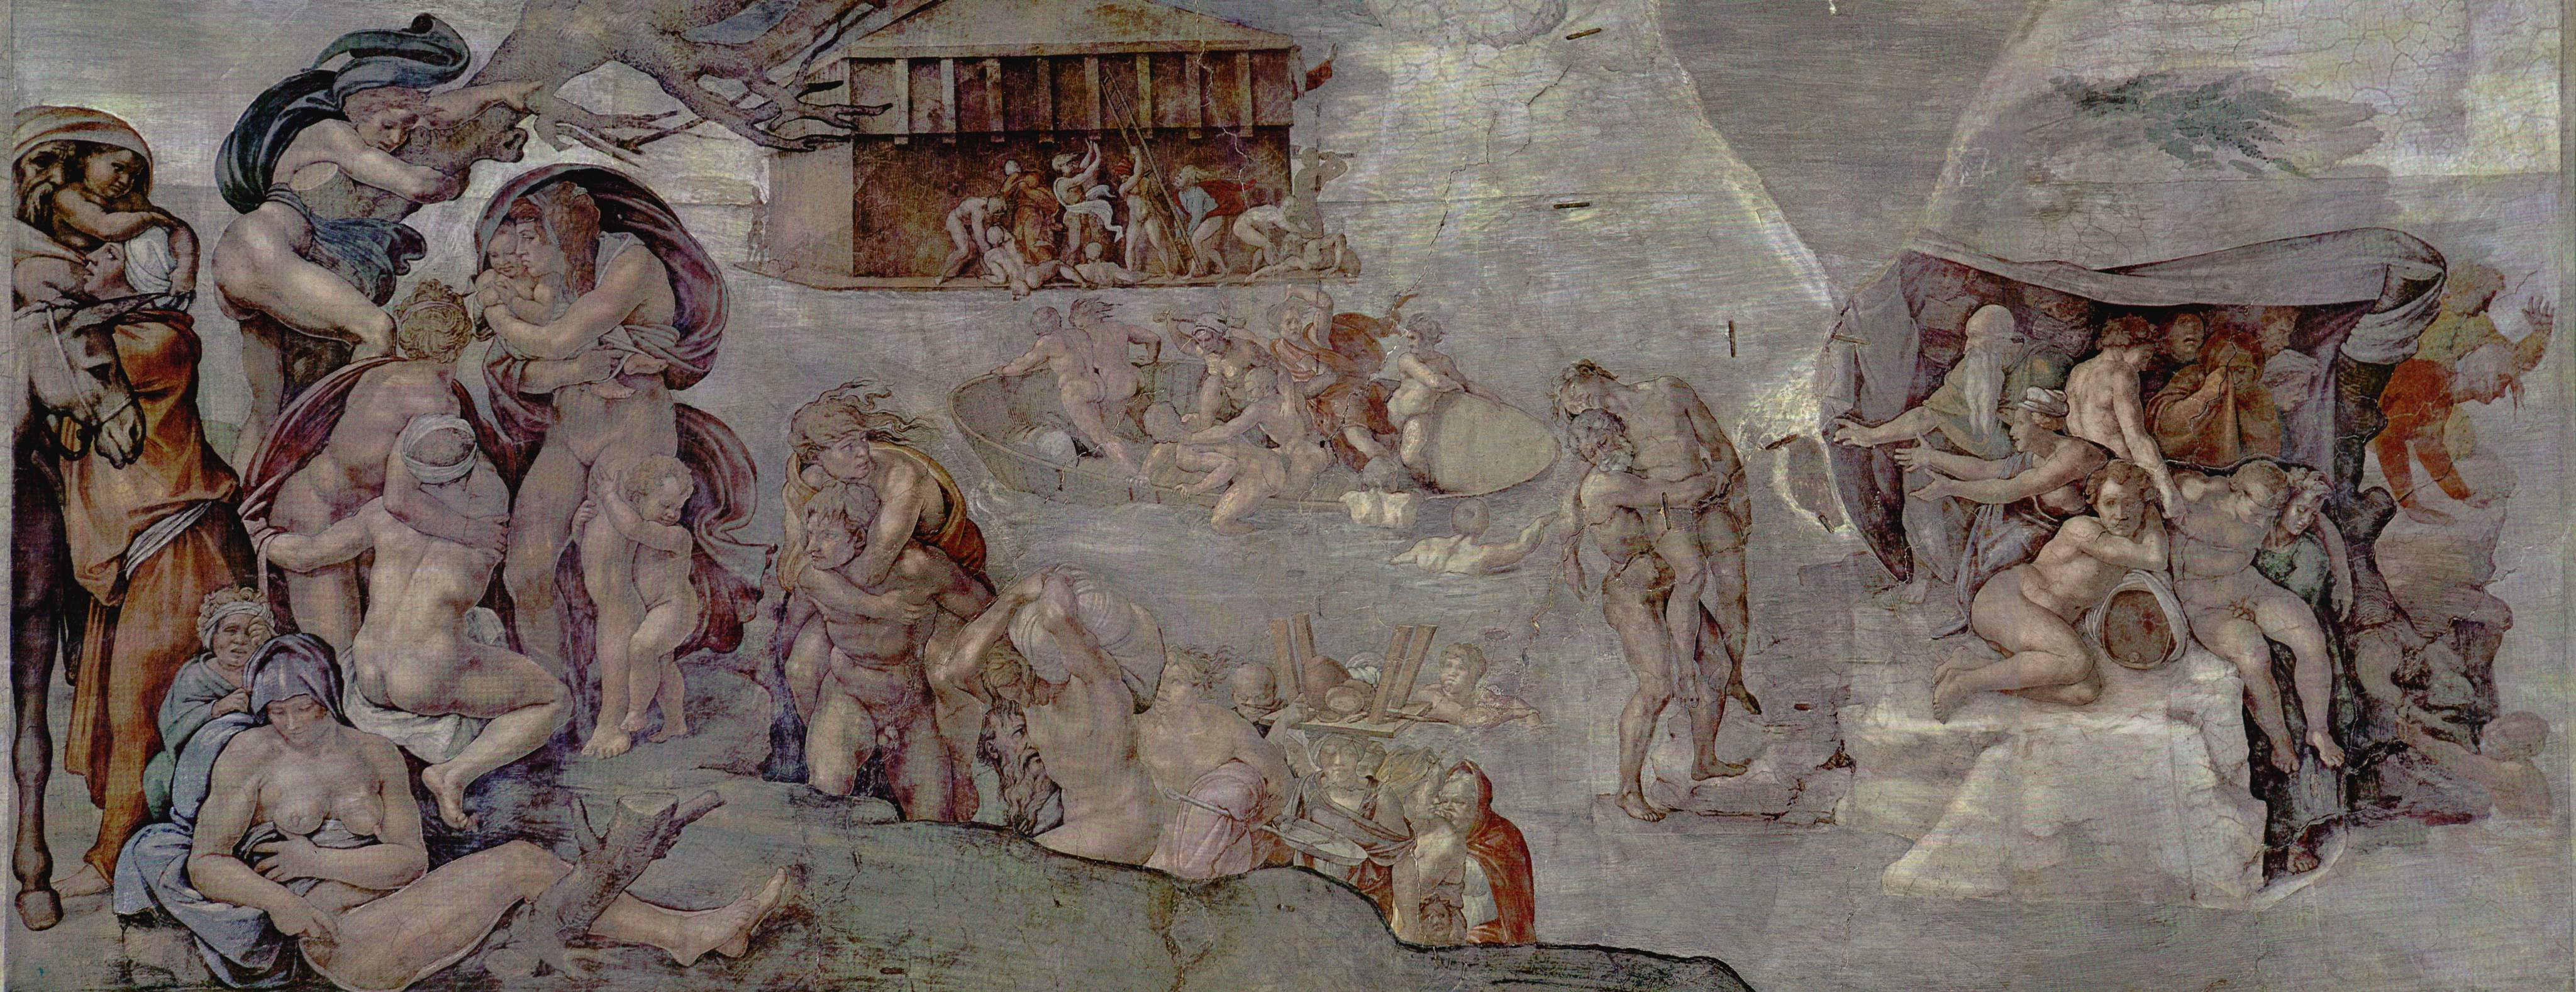 roarshock.net - Sistine Chapel